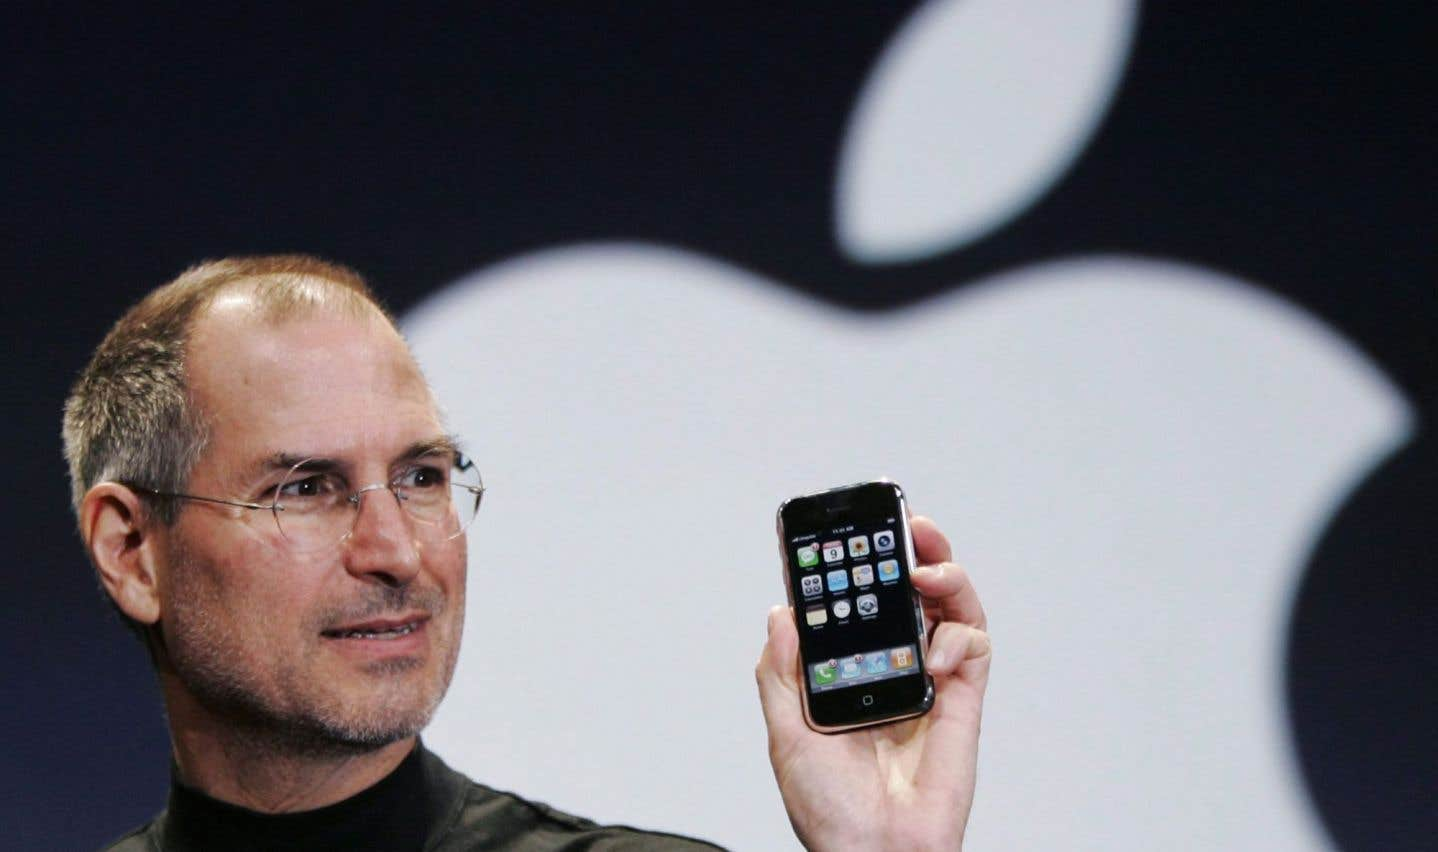 Steve Jobs dévoile le iPhone lors de la conférence MacWorld à San Francisco, le 9 janvier 2007.